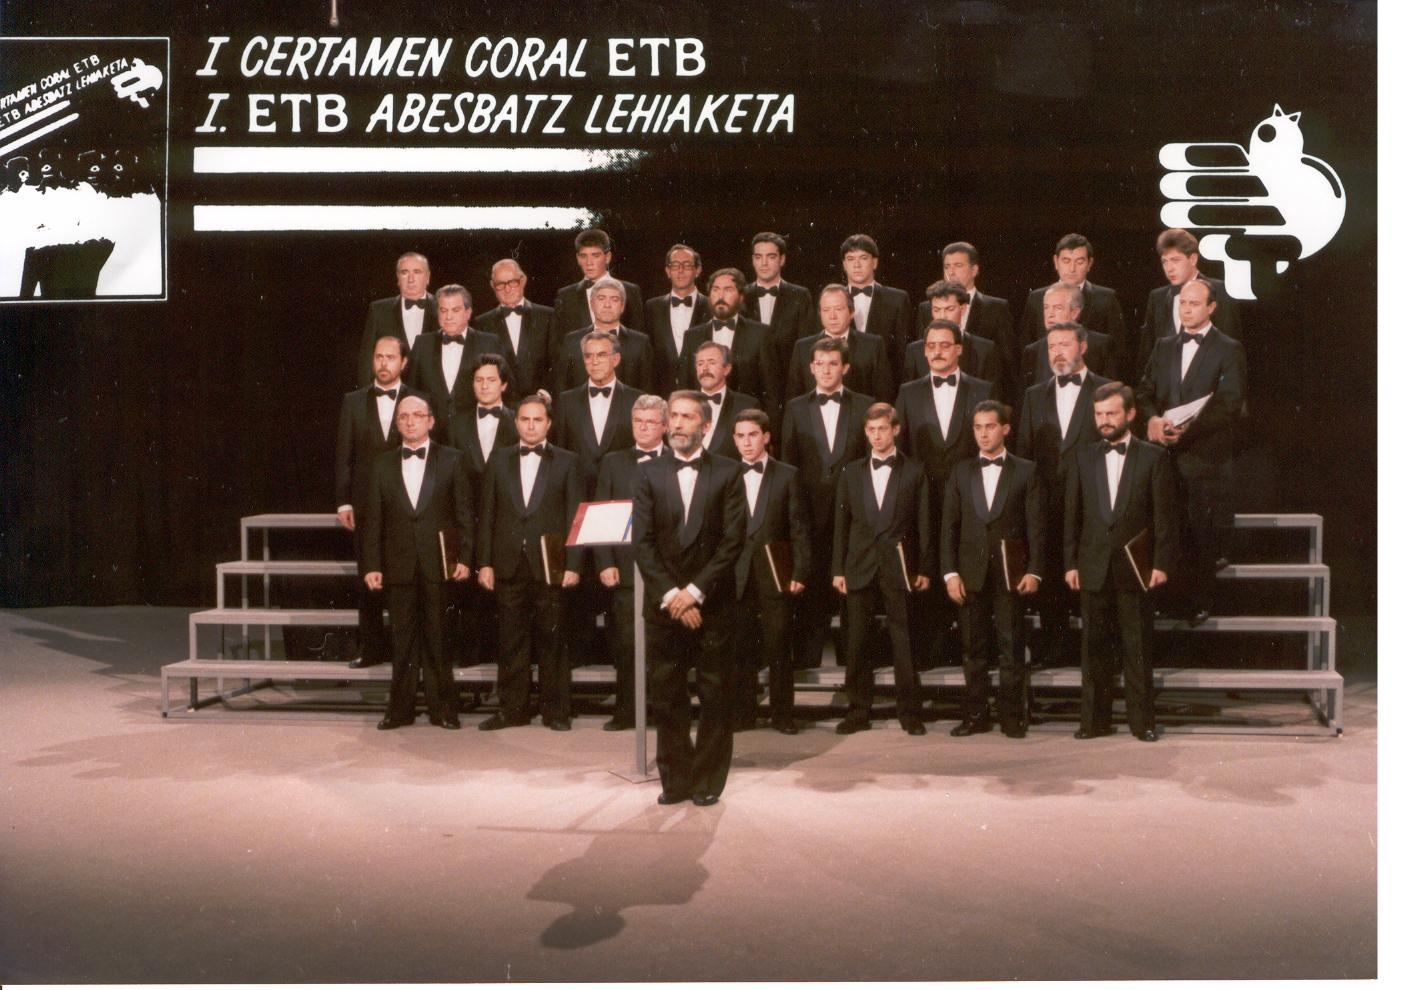 ETB 1989 – I Certamen Coral ETB (1)